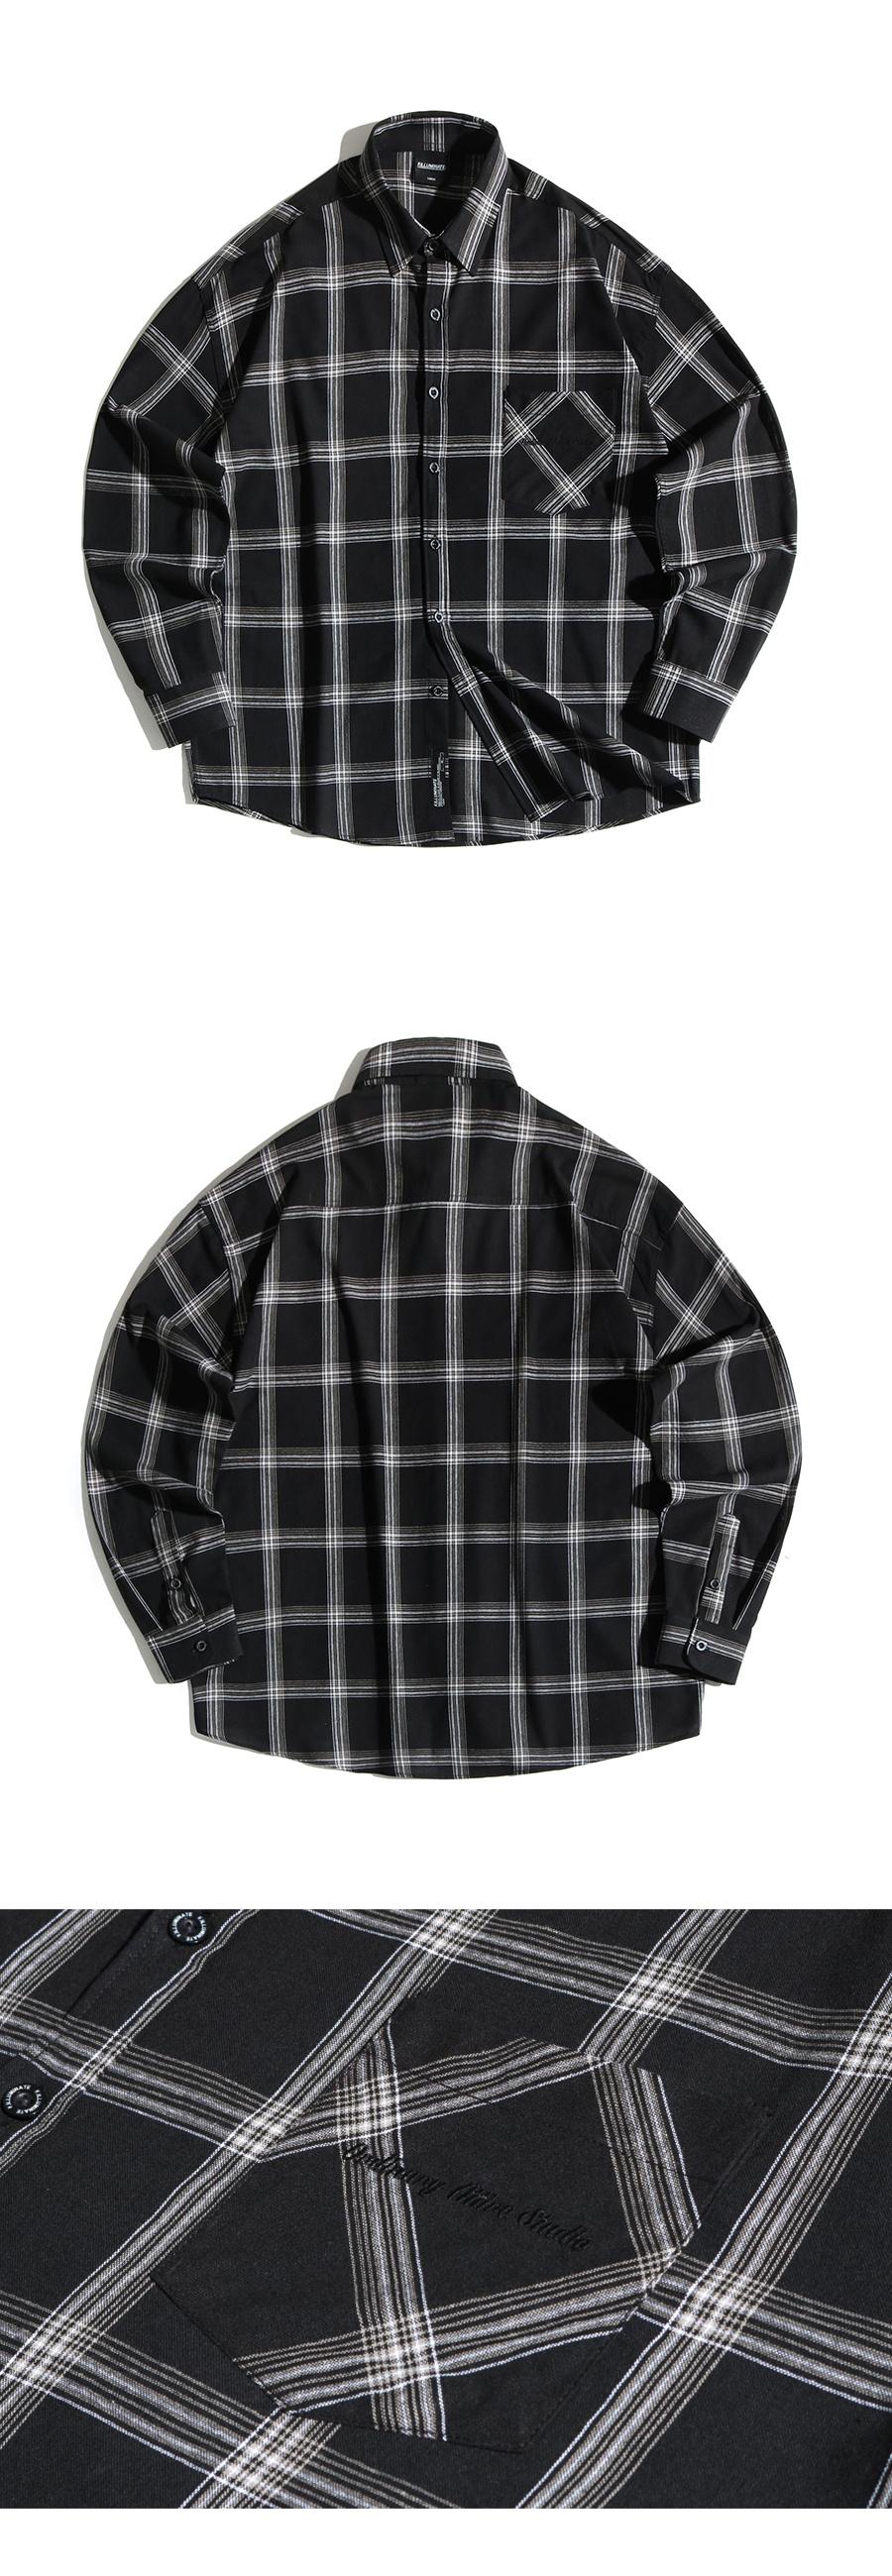 필루미네이트(FILLUMINATE) 유니섹스 오버핏 거즈 체크 셔츠-블랙